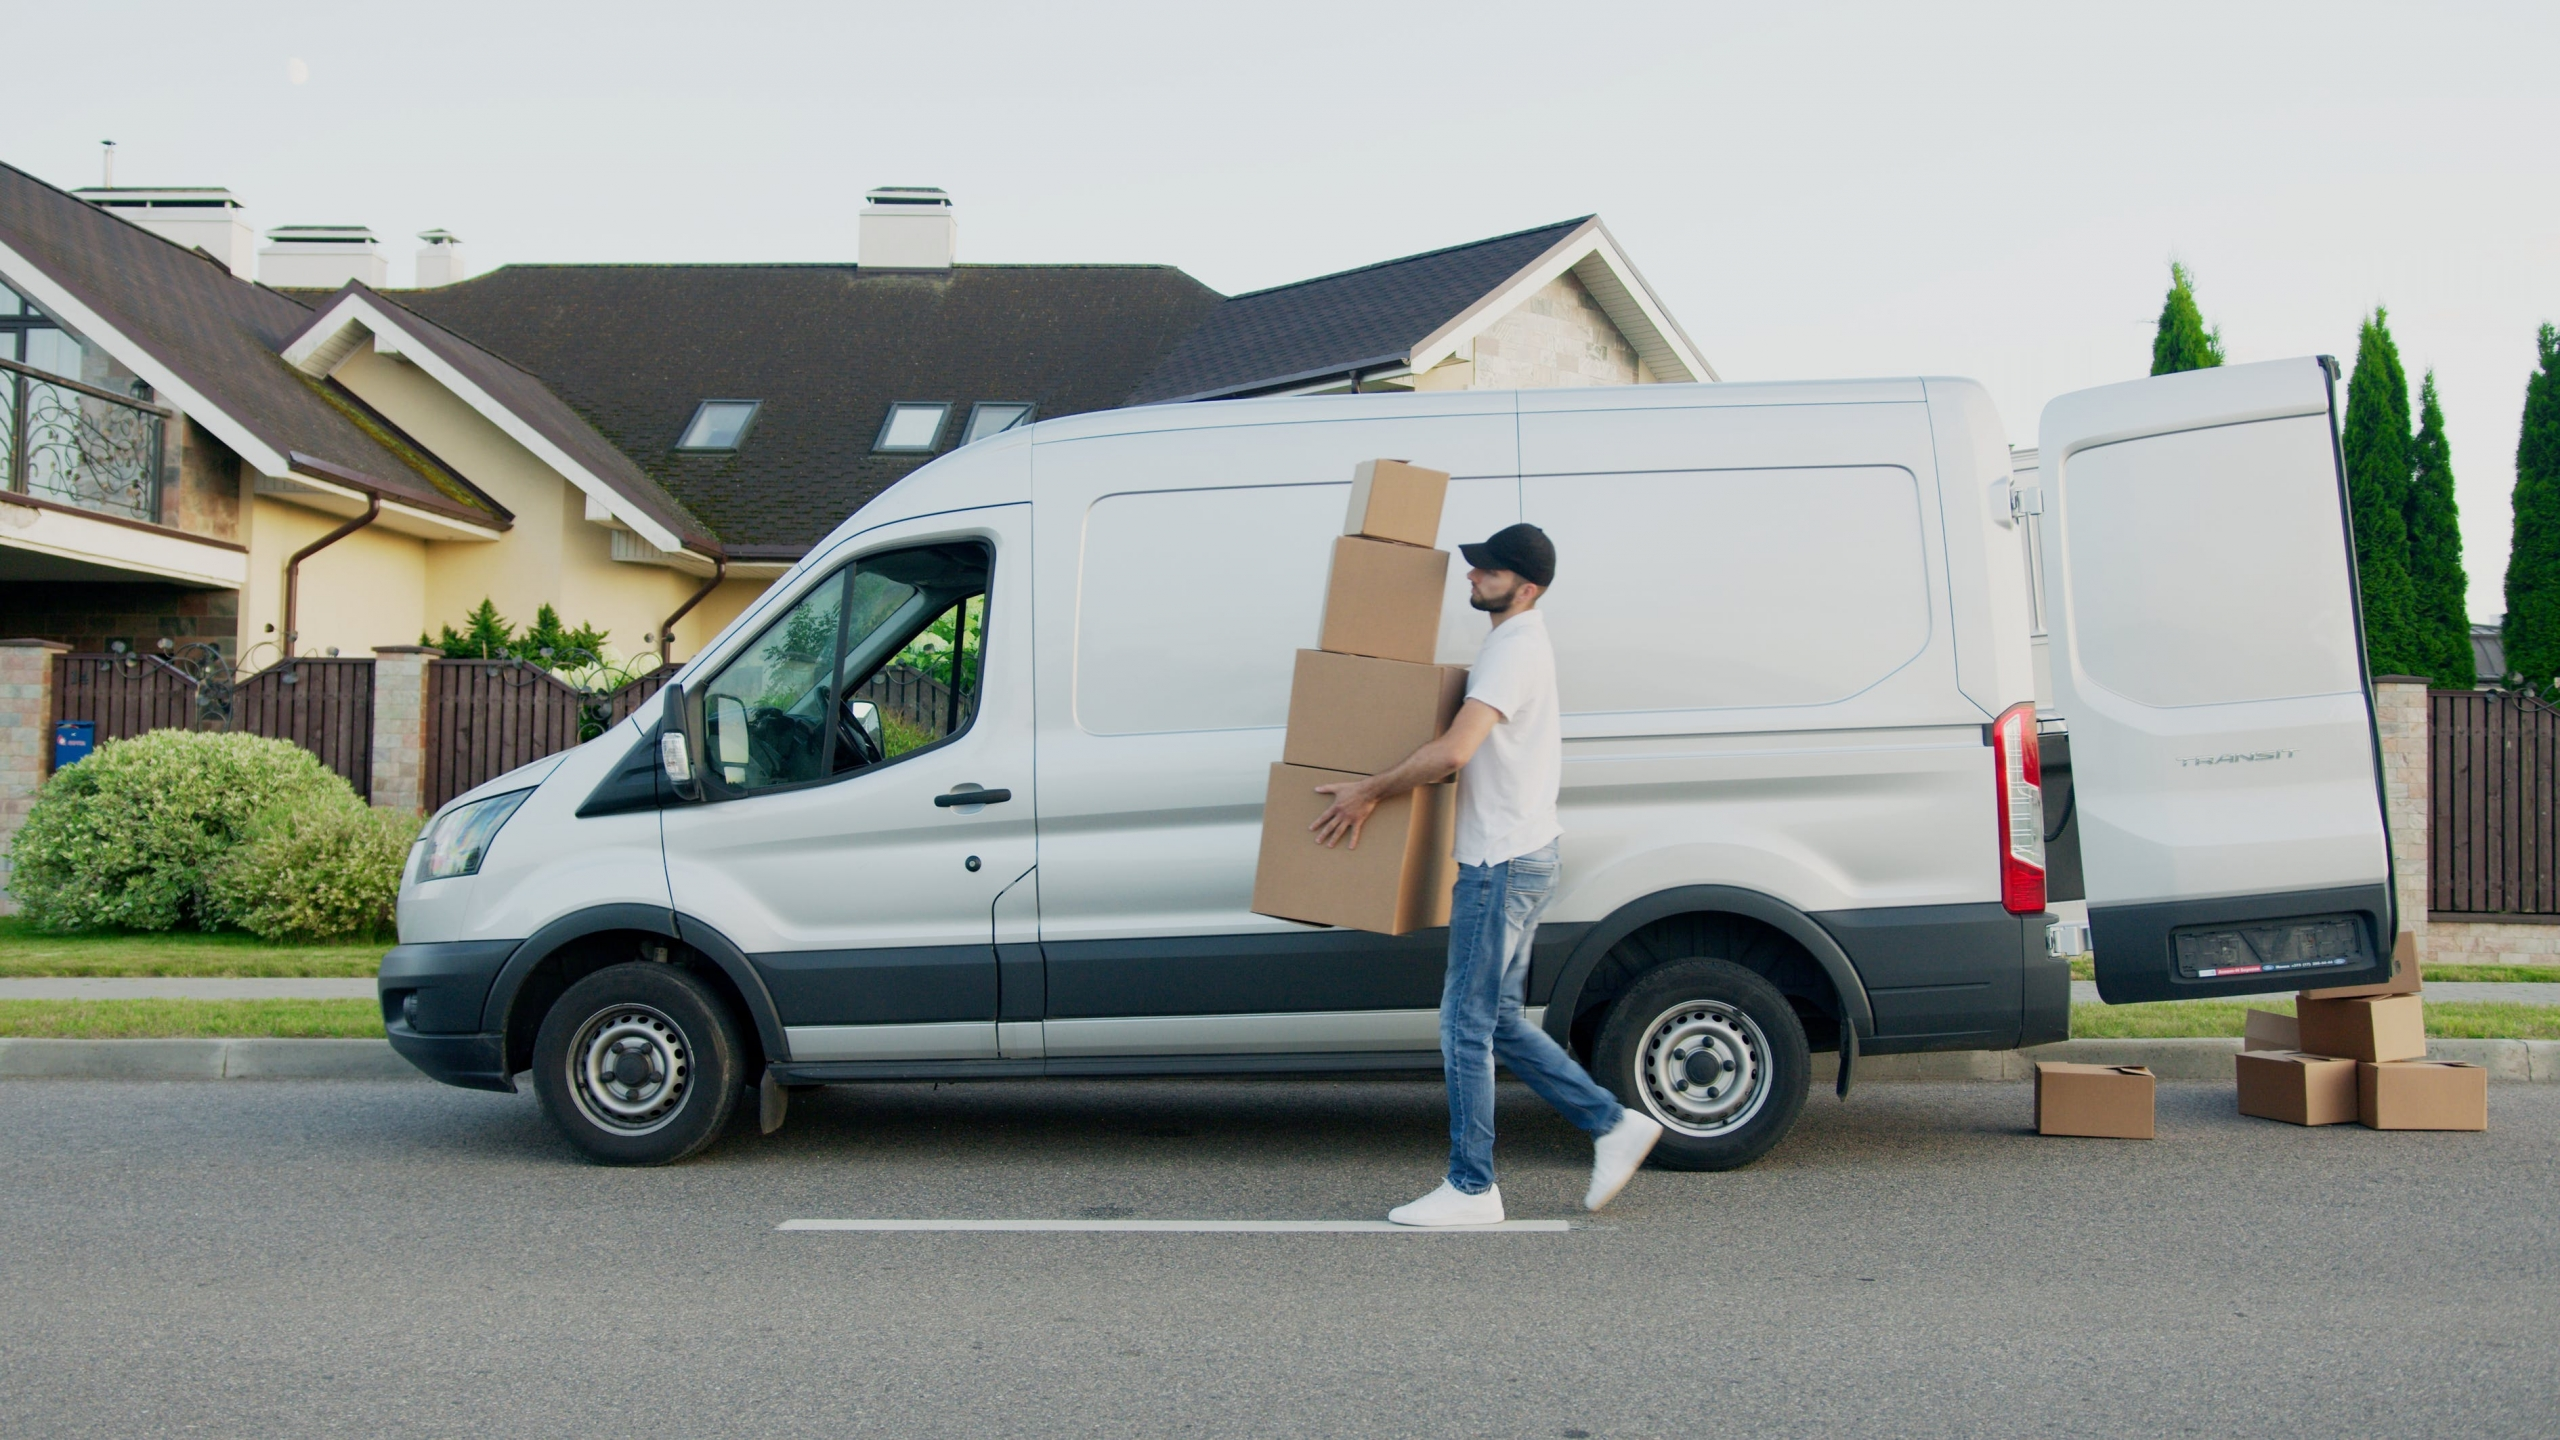 Fahrer liefert Pakete vor einem Van aus